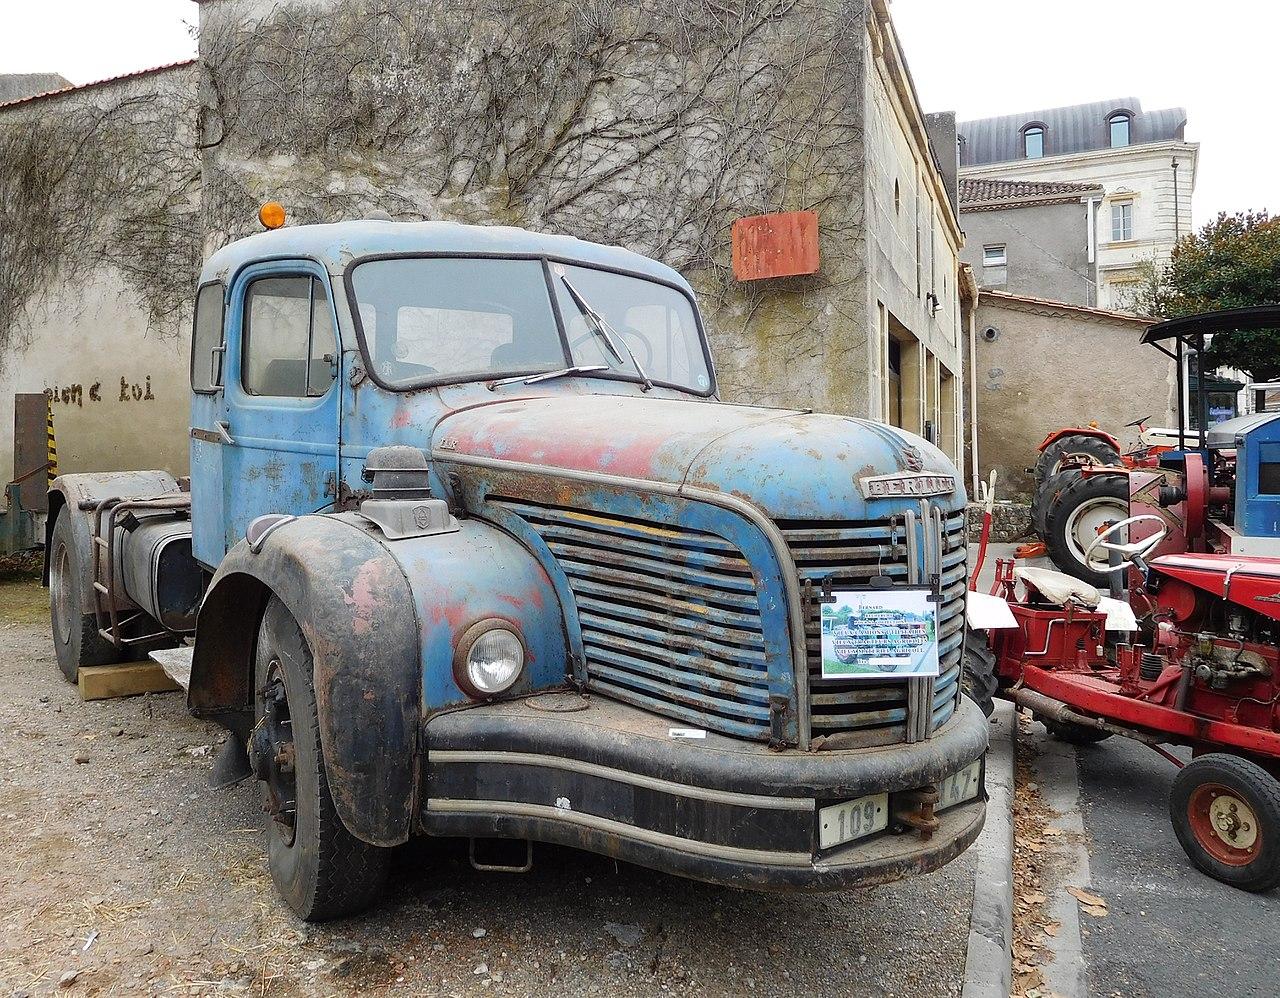 File:Berliet, rusty tr...